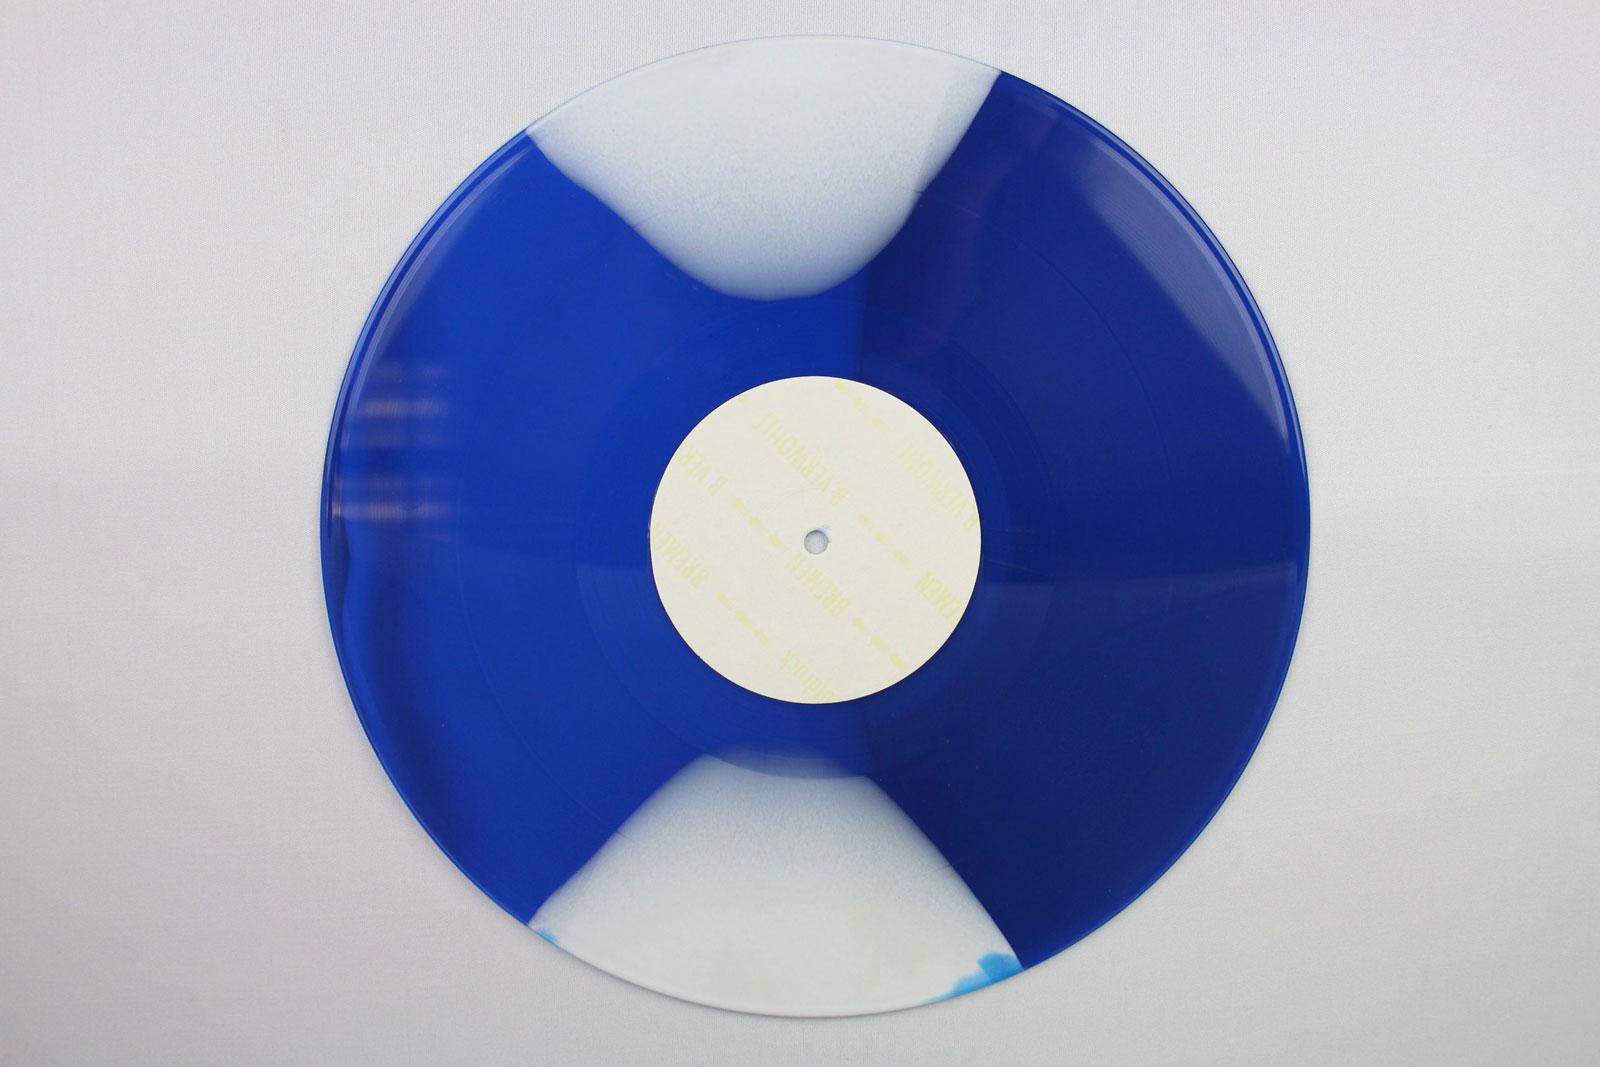 blue / coloured thread: 70% white + 30% clear